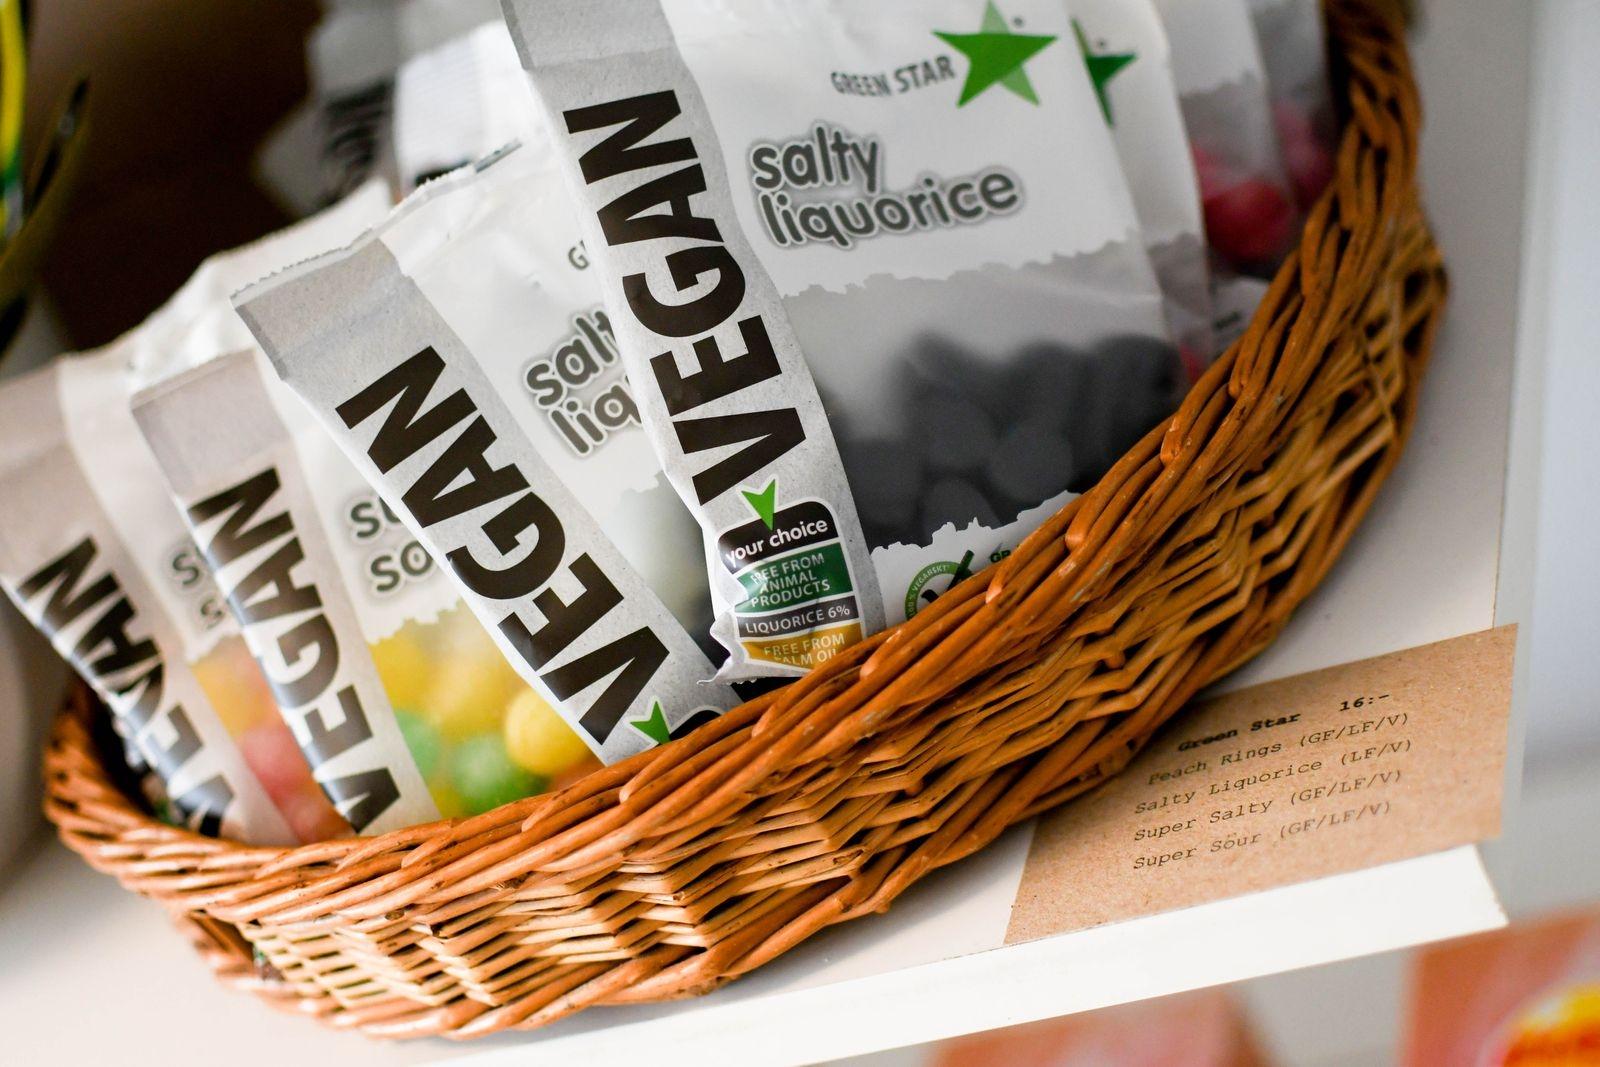 Vid varje produkt sitter en lapp som tydligt anger huruvida den är fri från gluten, laktos, socker eller om den är vegansk.